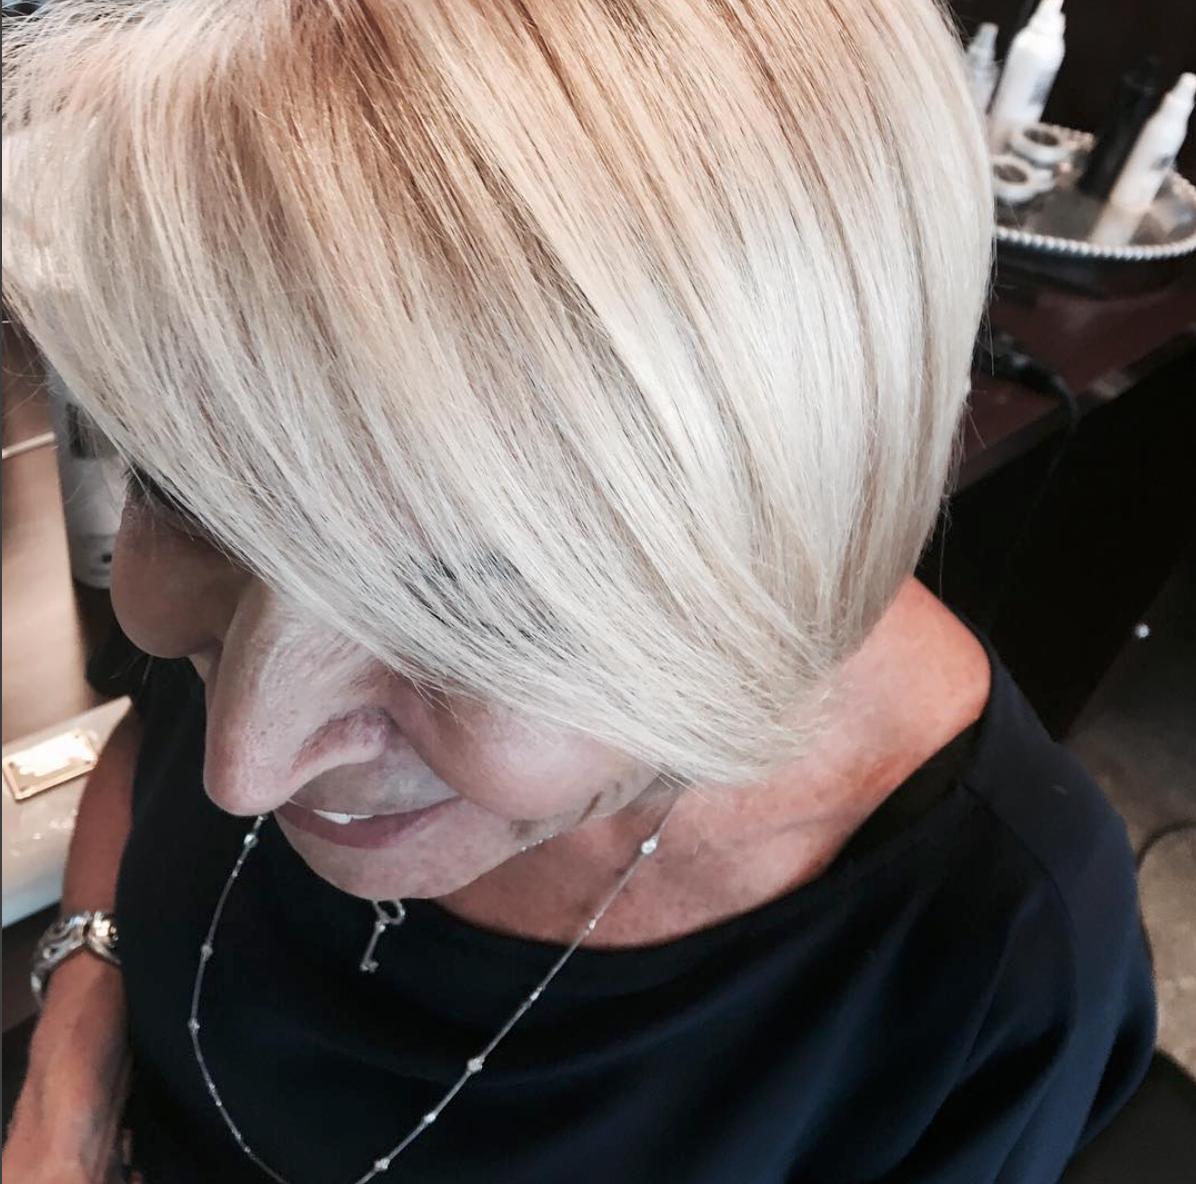 Jean Marc Levy Olga Demaskaya Hair Las Vegas Stylists 6.png